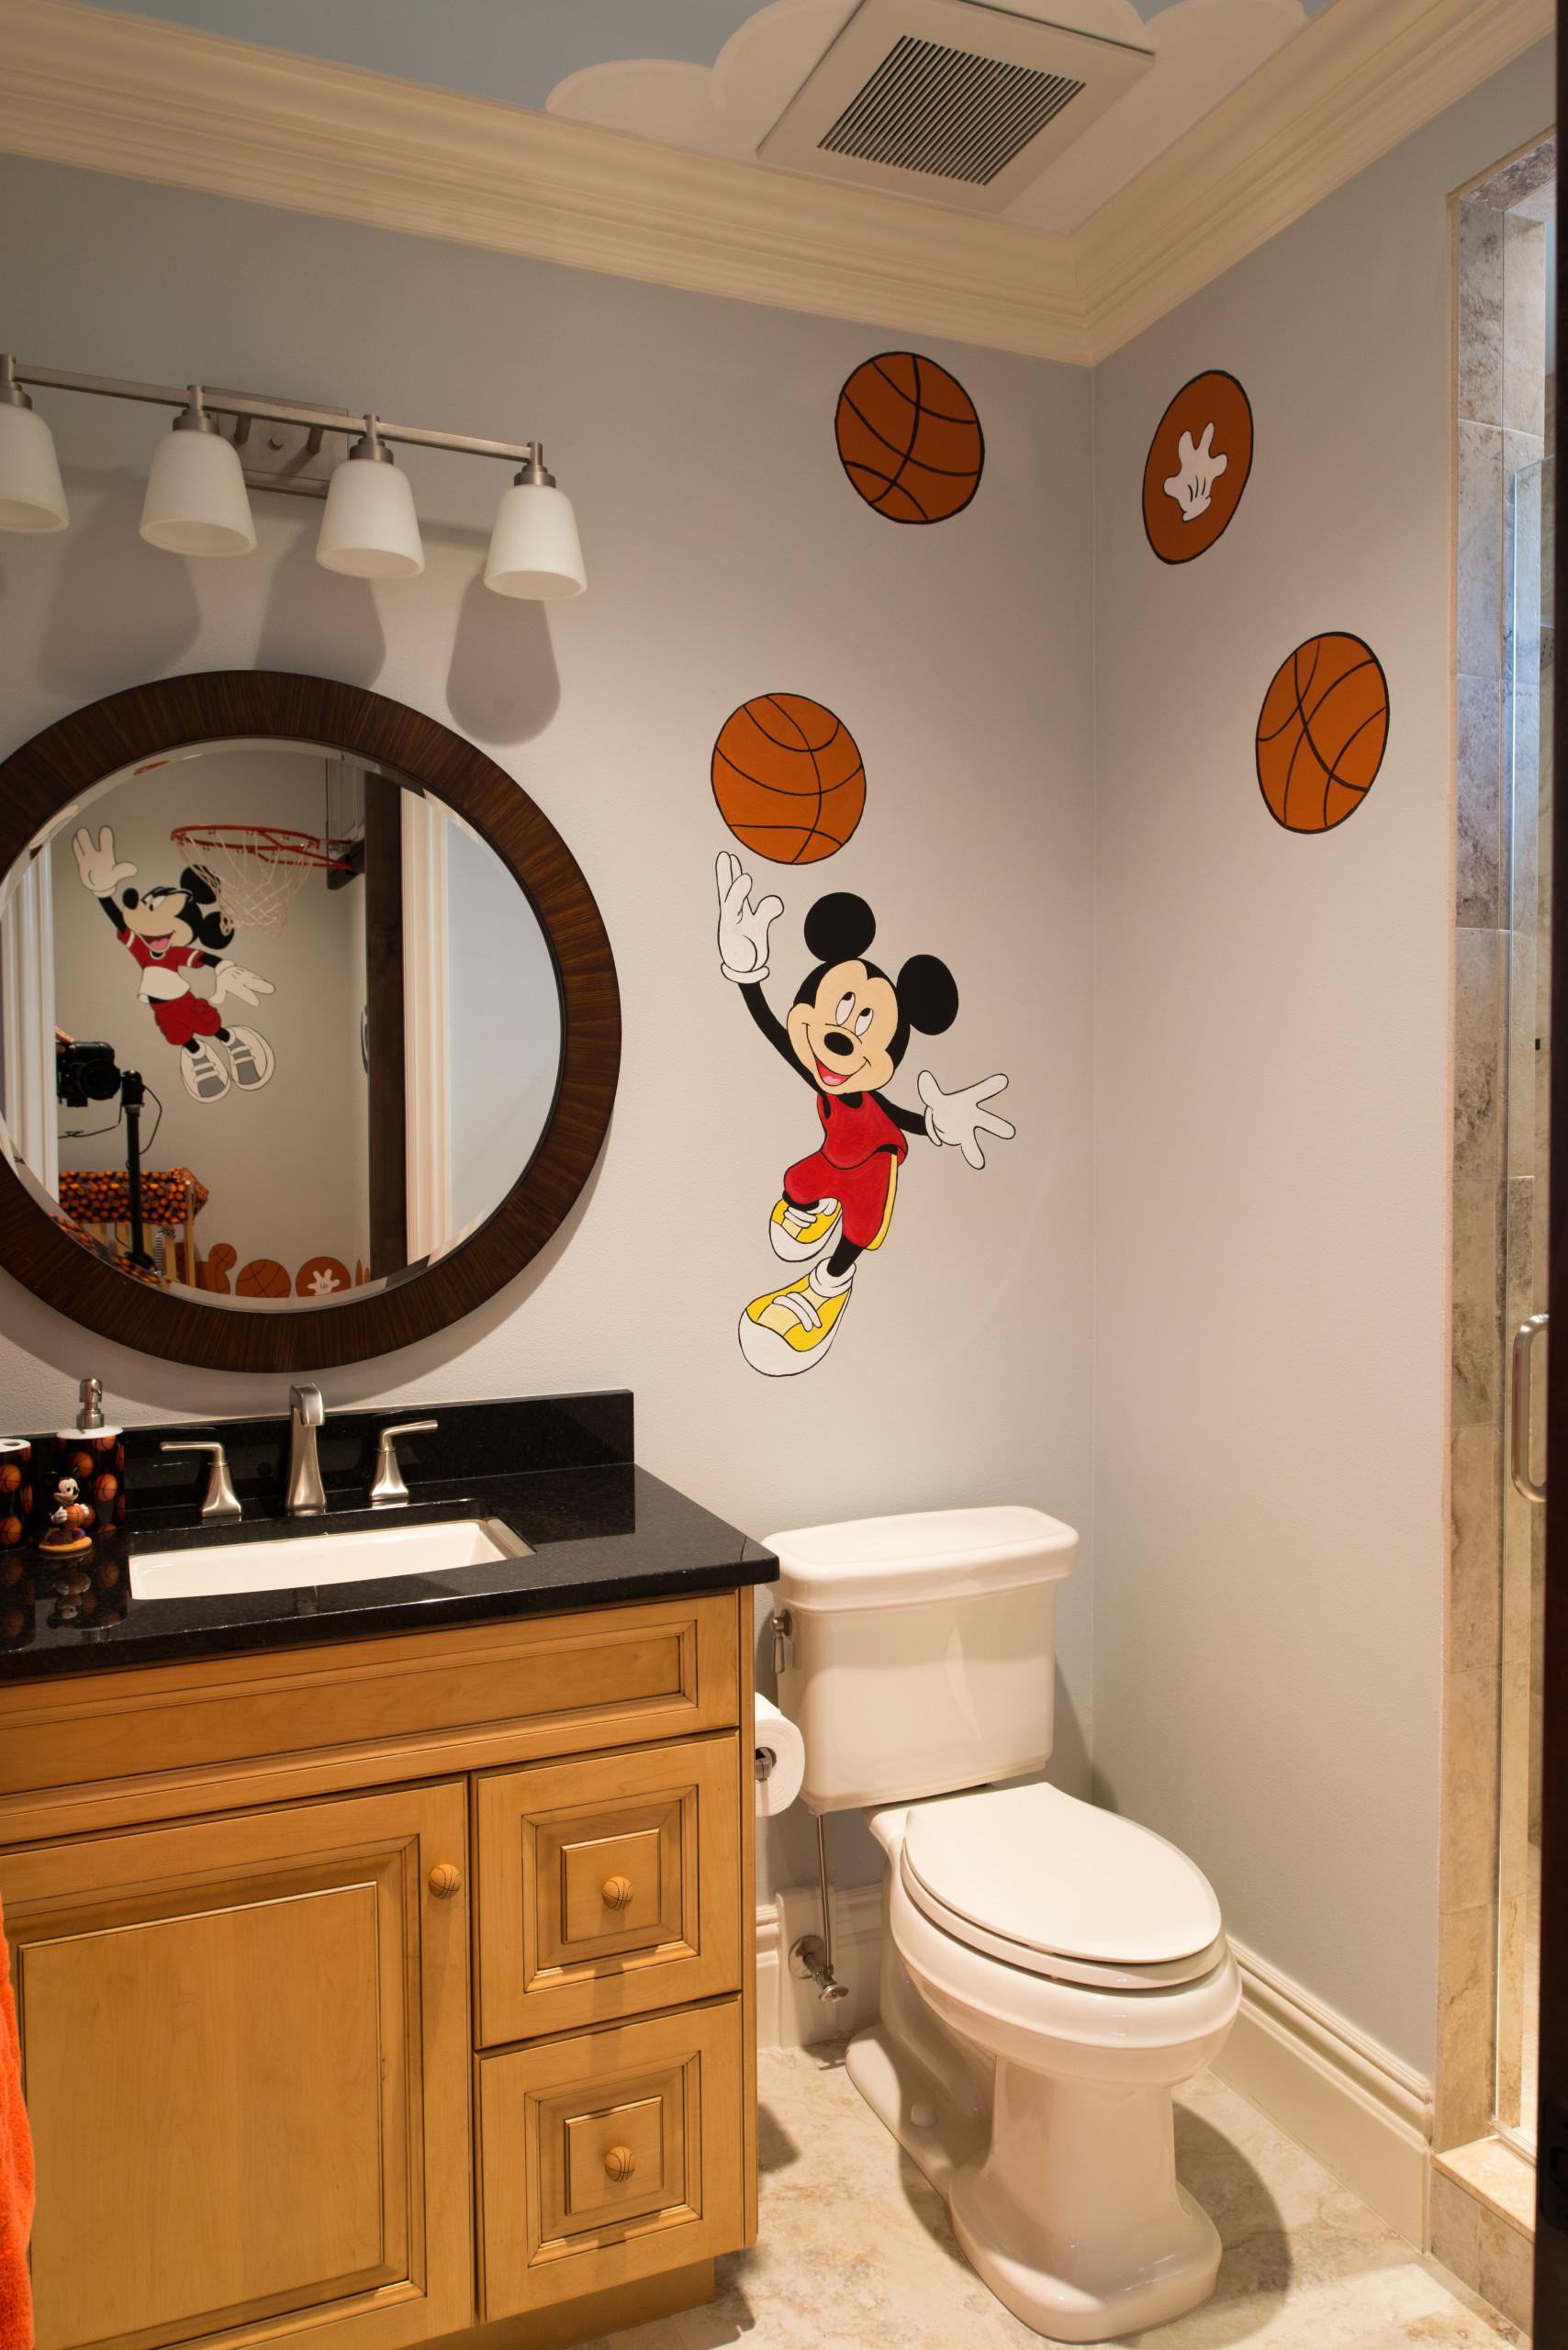 Mickey Mouse Bathroom Ideas Photos Houzz